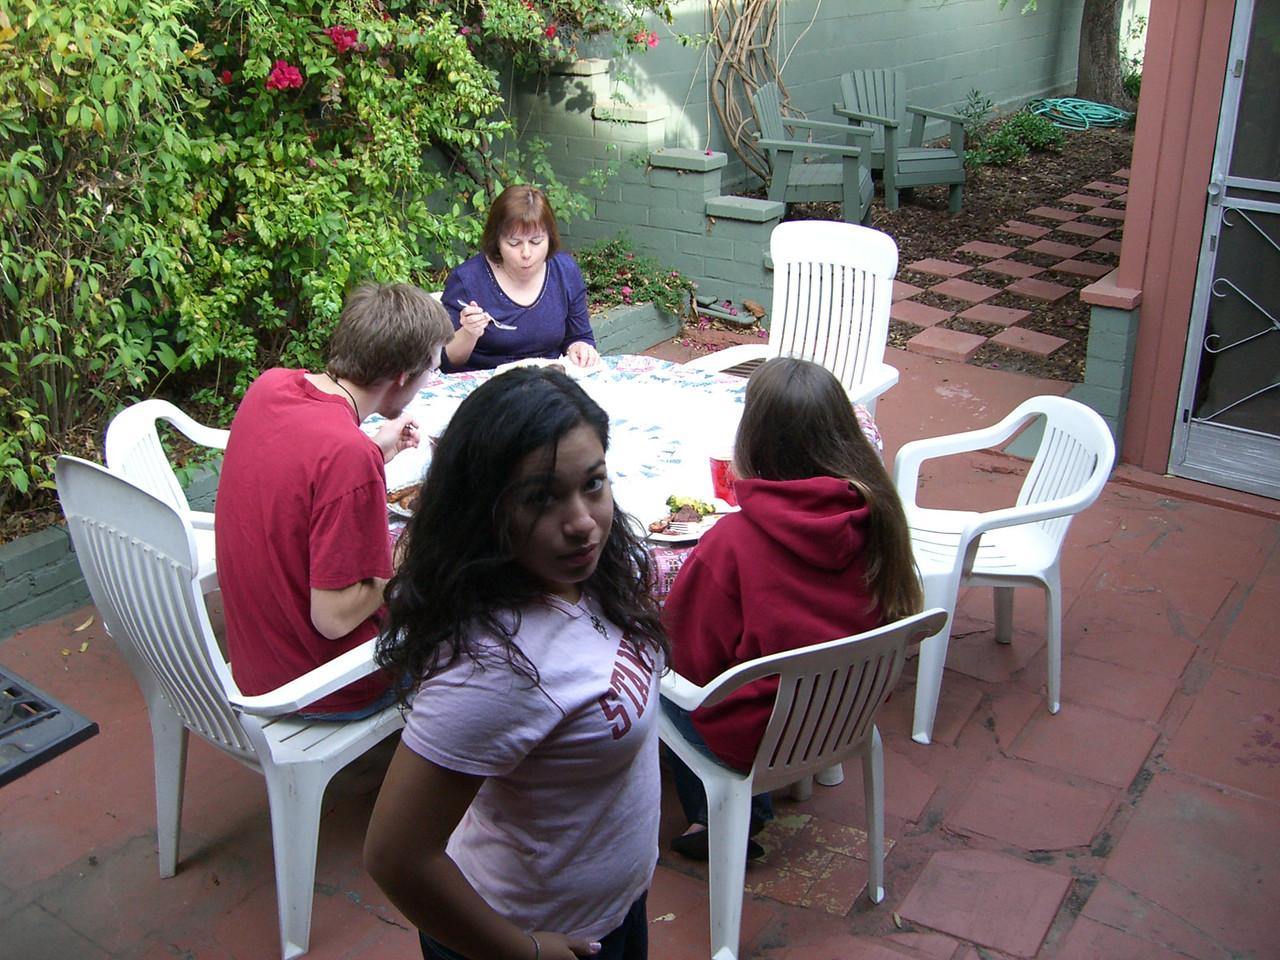 2005 12 18 Sun - Lake Ave Church - Rob Majors, Mrs  Sloat, & Jenna Sloat grub while Jennifer Evans pouts